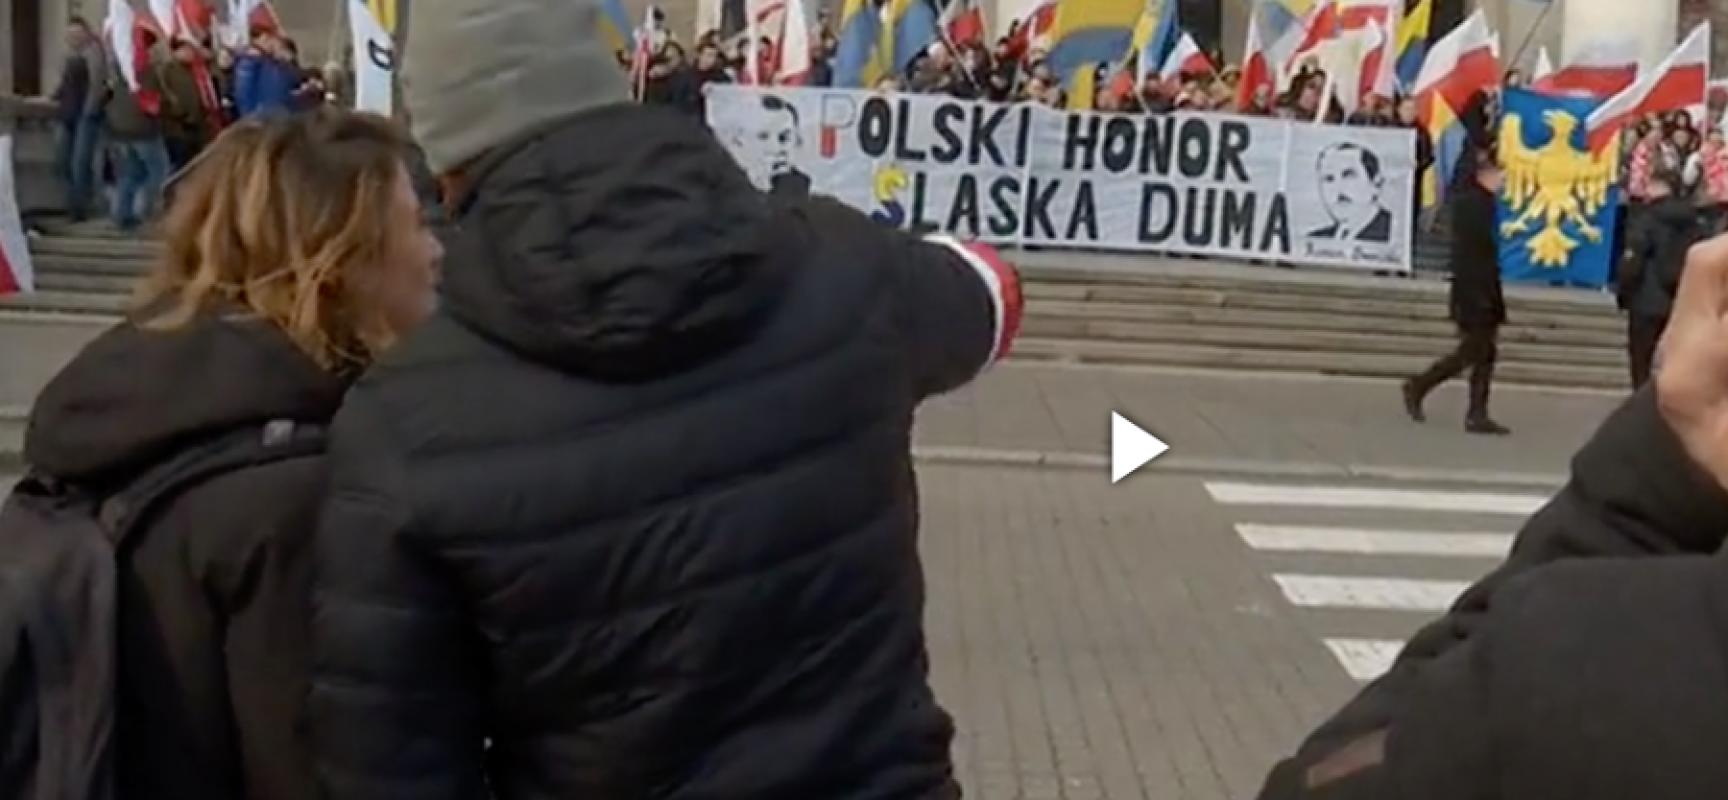 Fake : Piazza Pulita LA7 – I nazionalisti Ucraini partecipano alla manifestazione neofascista di Varsavia